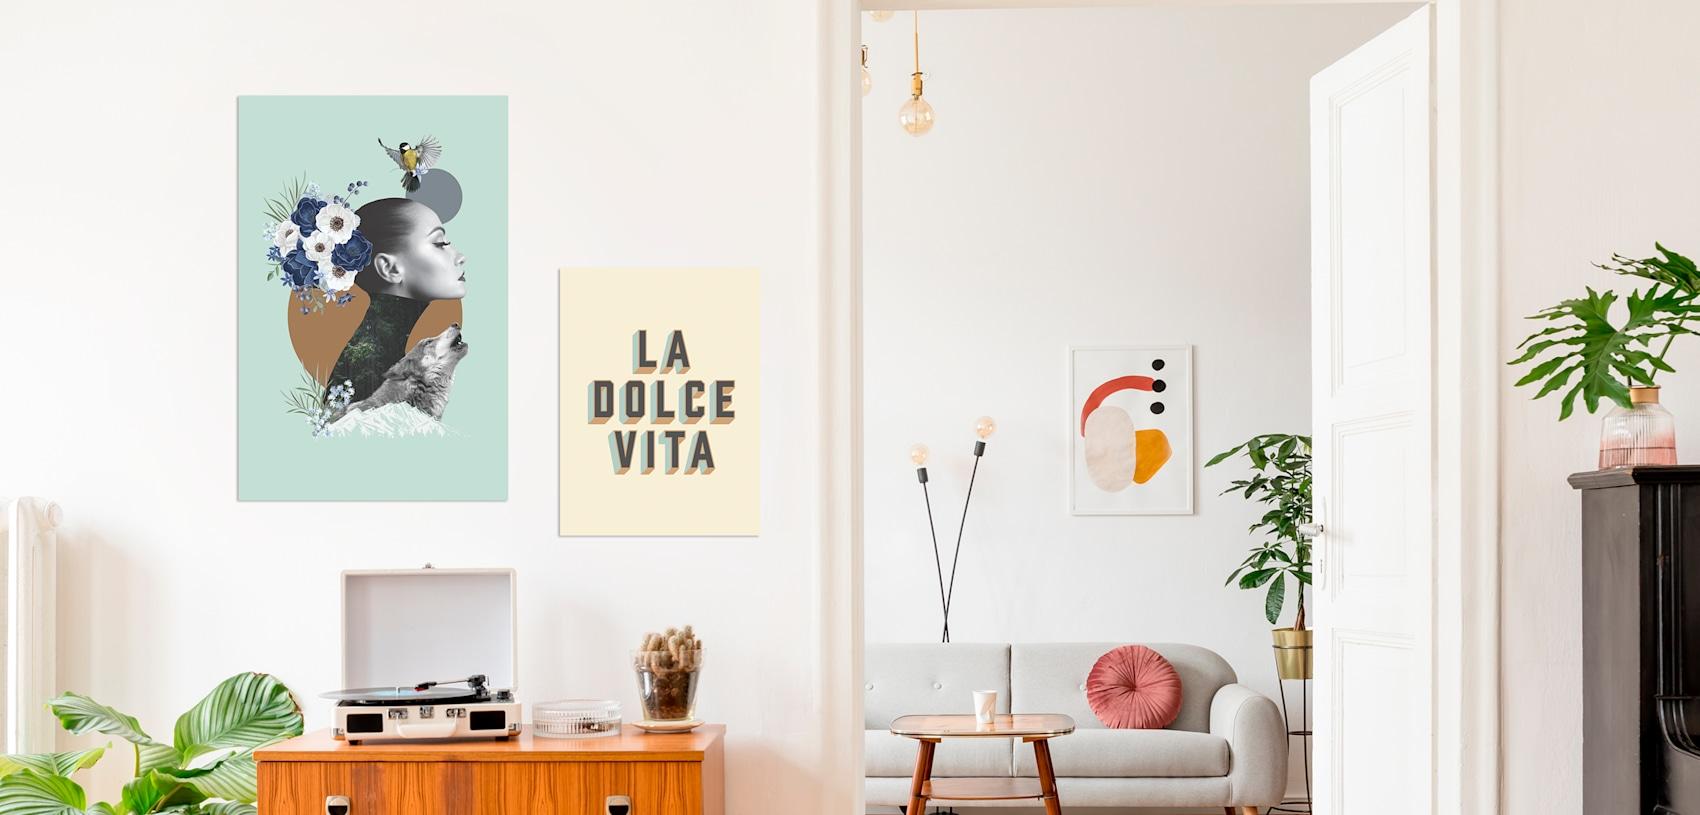 affiches artistiques pour la maison